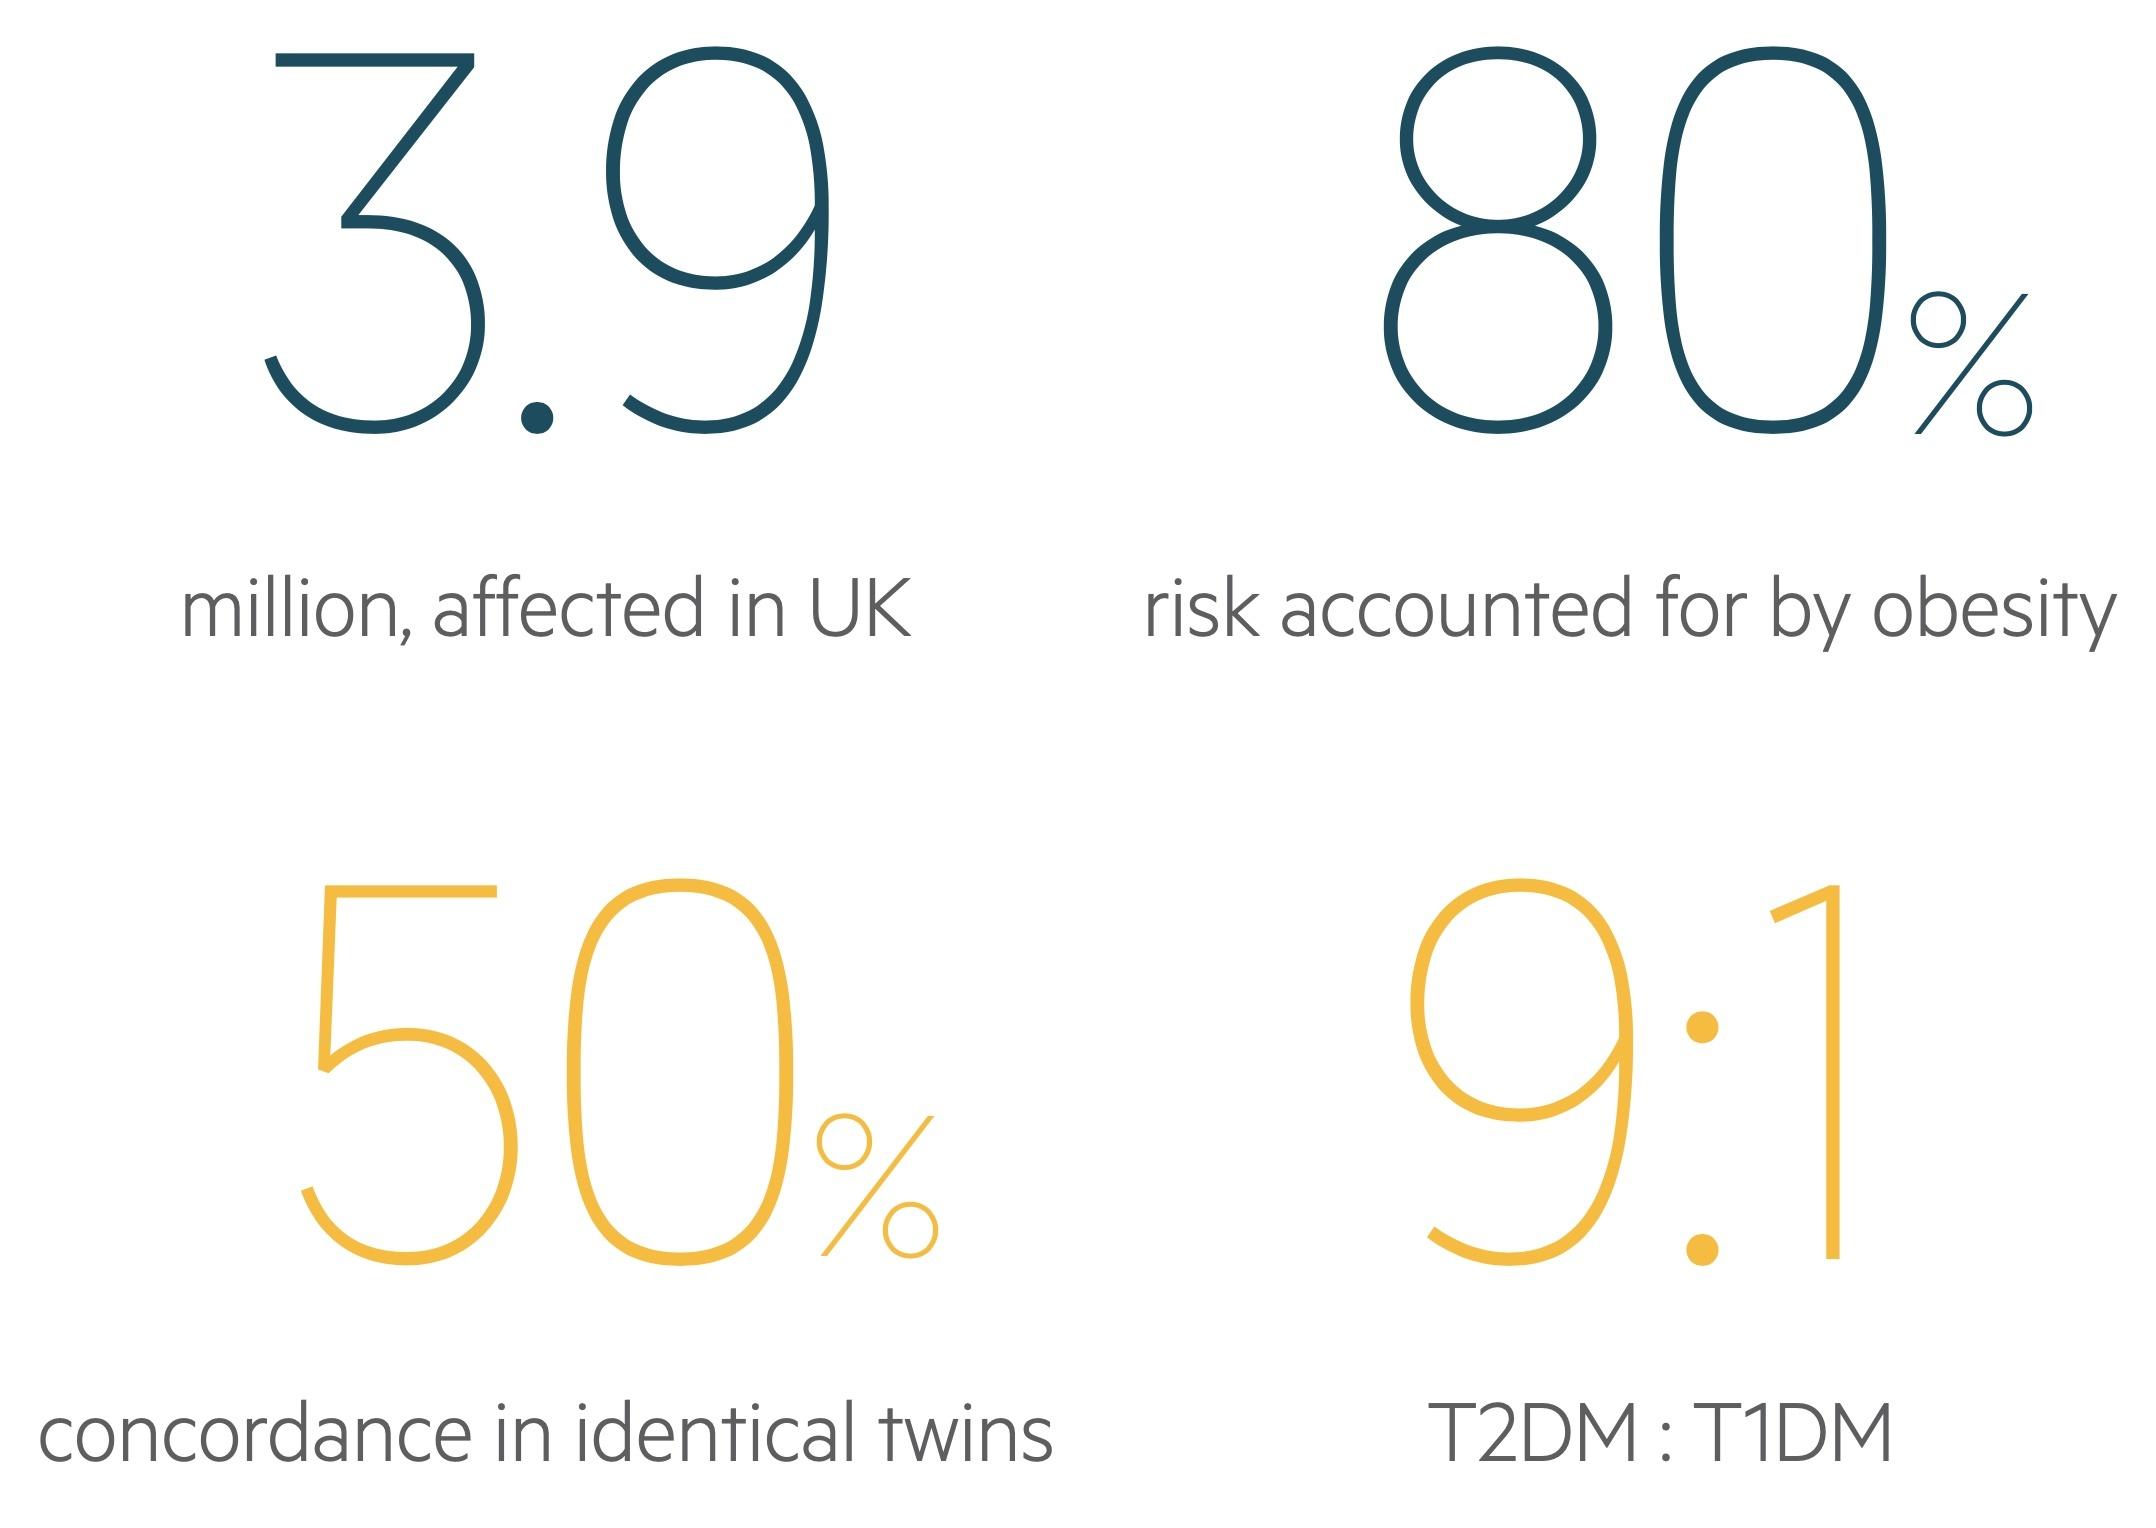 T2DM Statistics